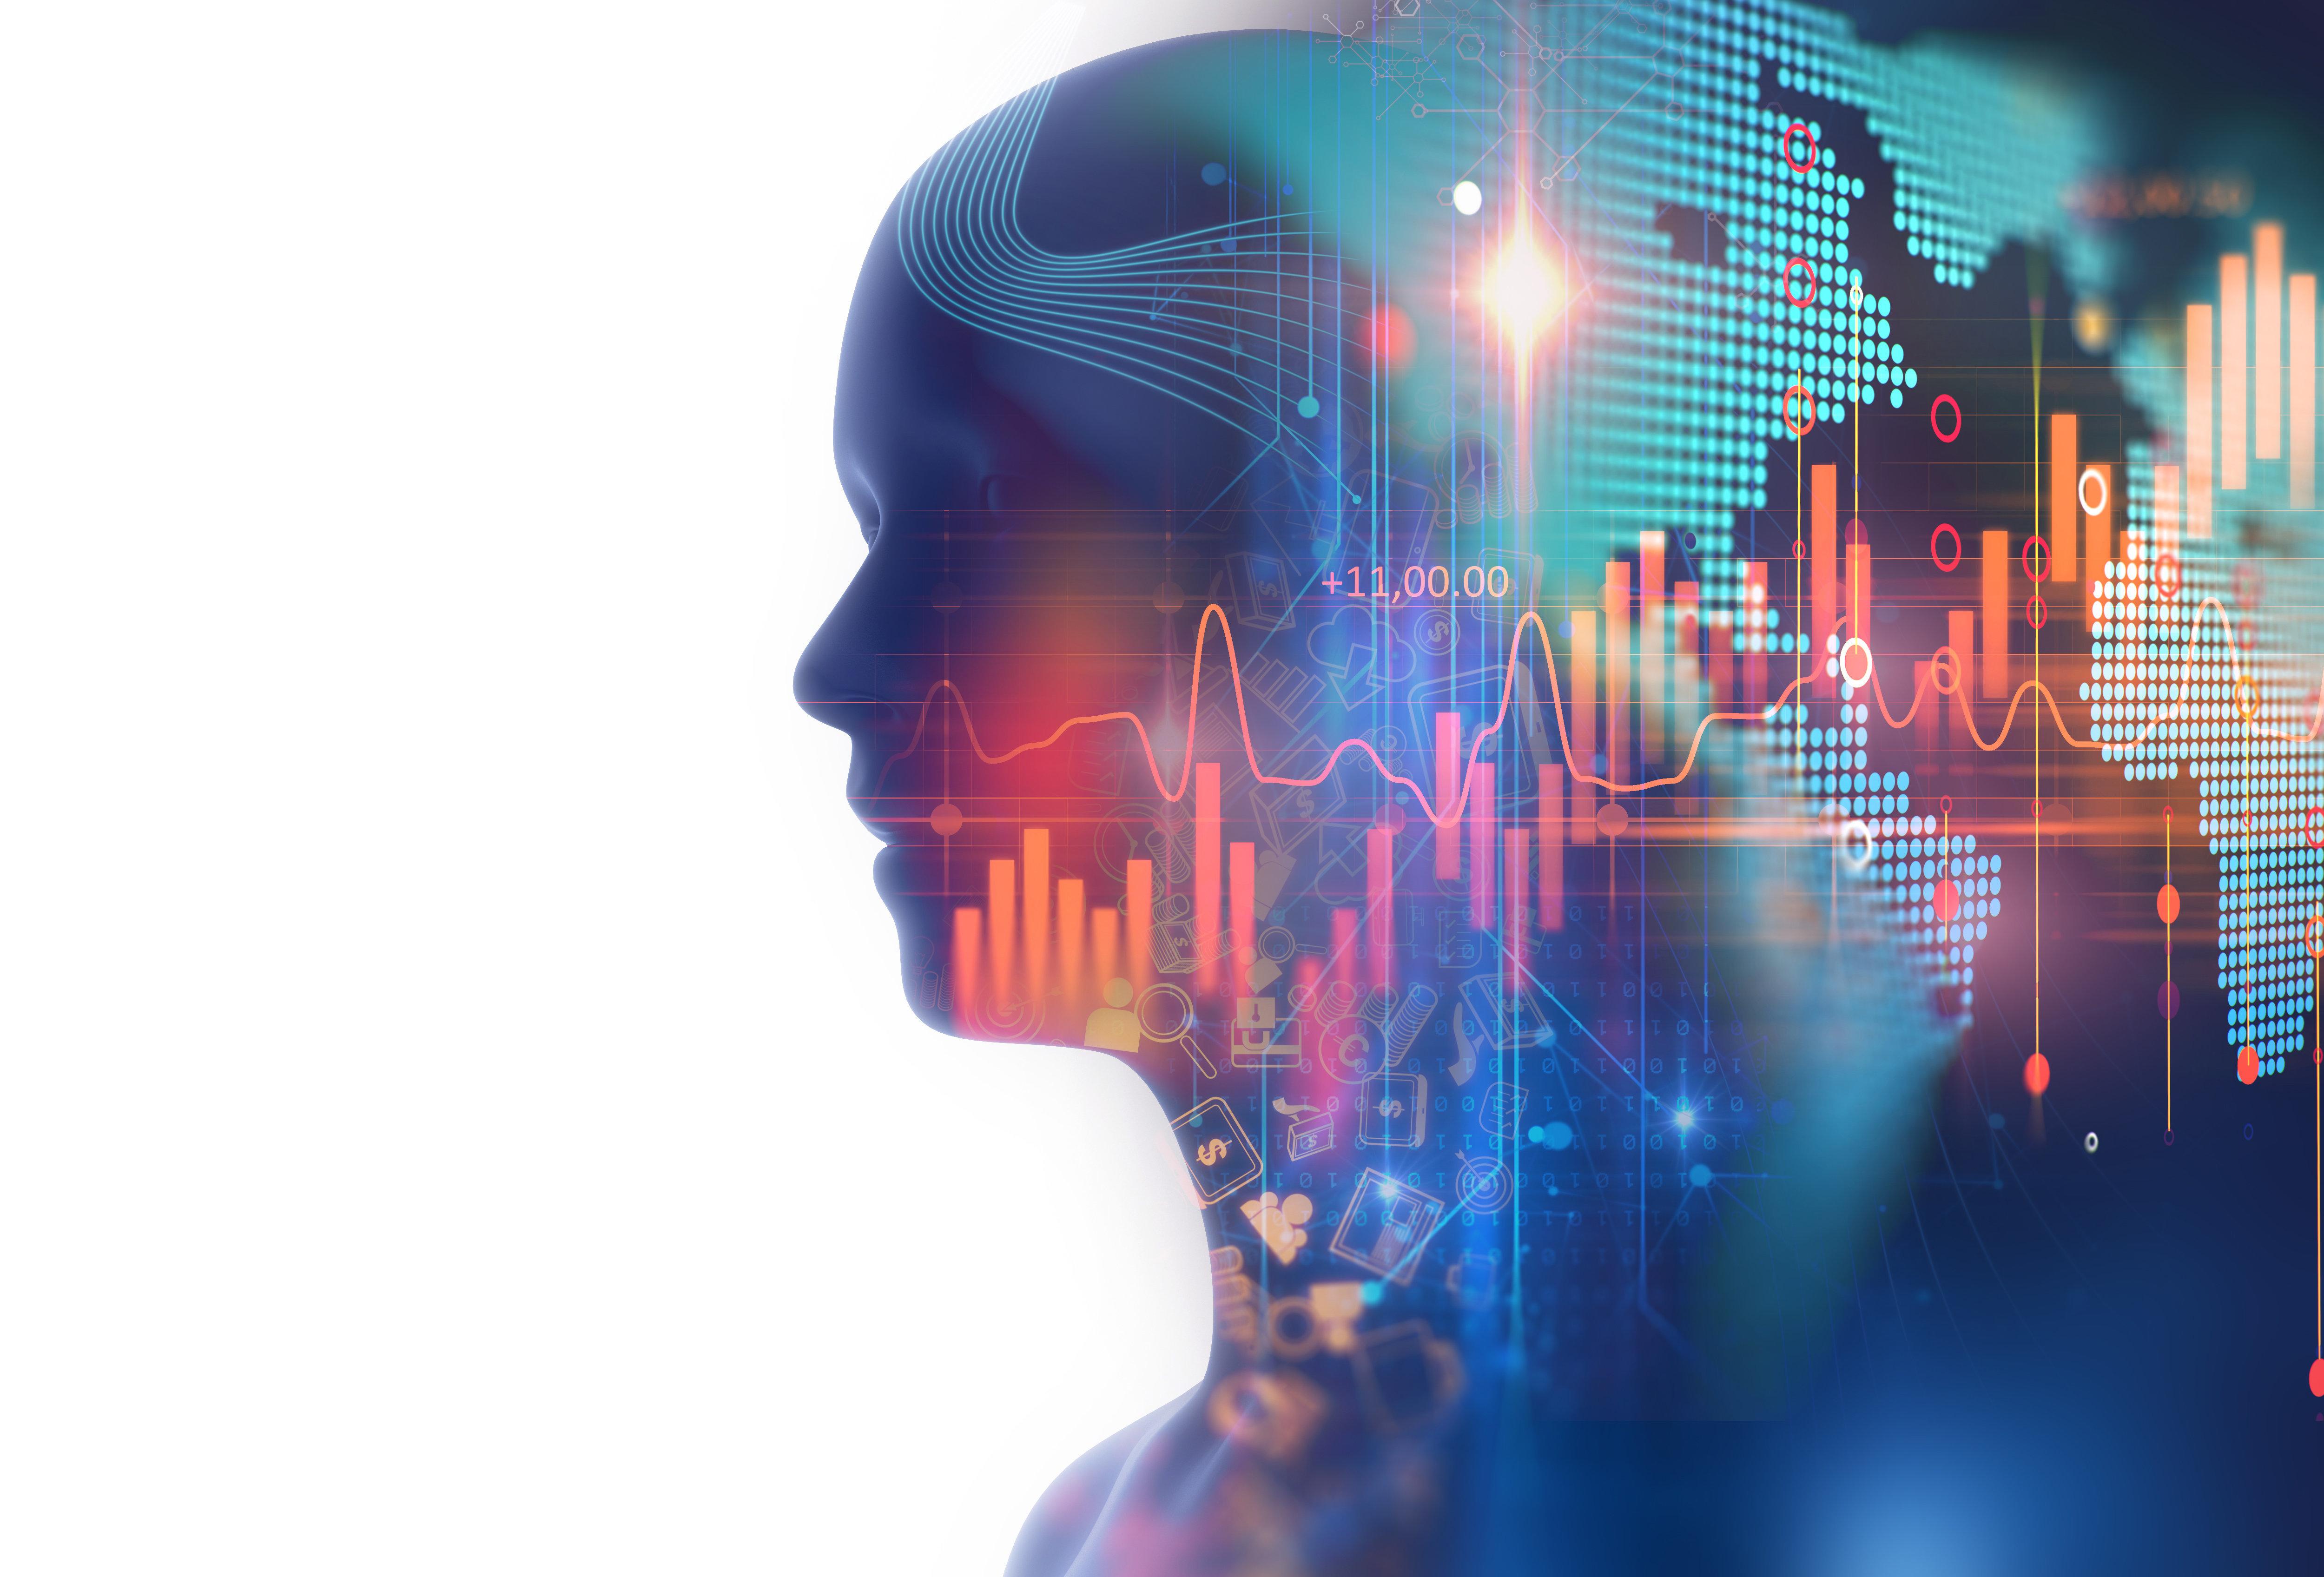 일본 기업들이 신입사원 채용에 AI를 활용하기